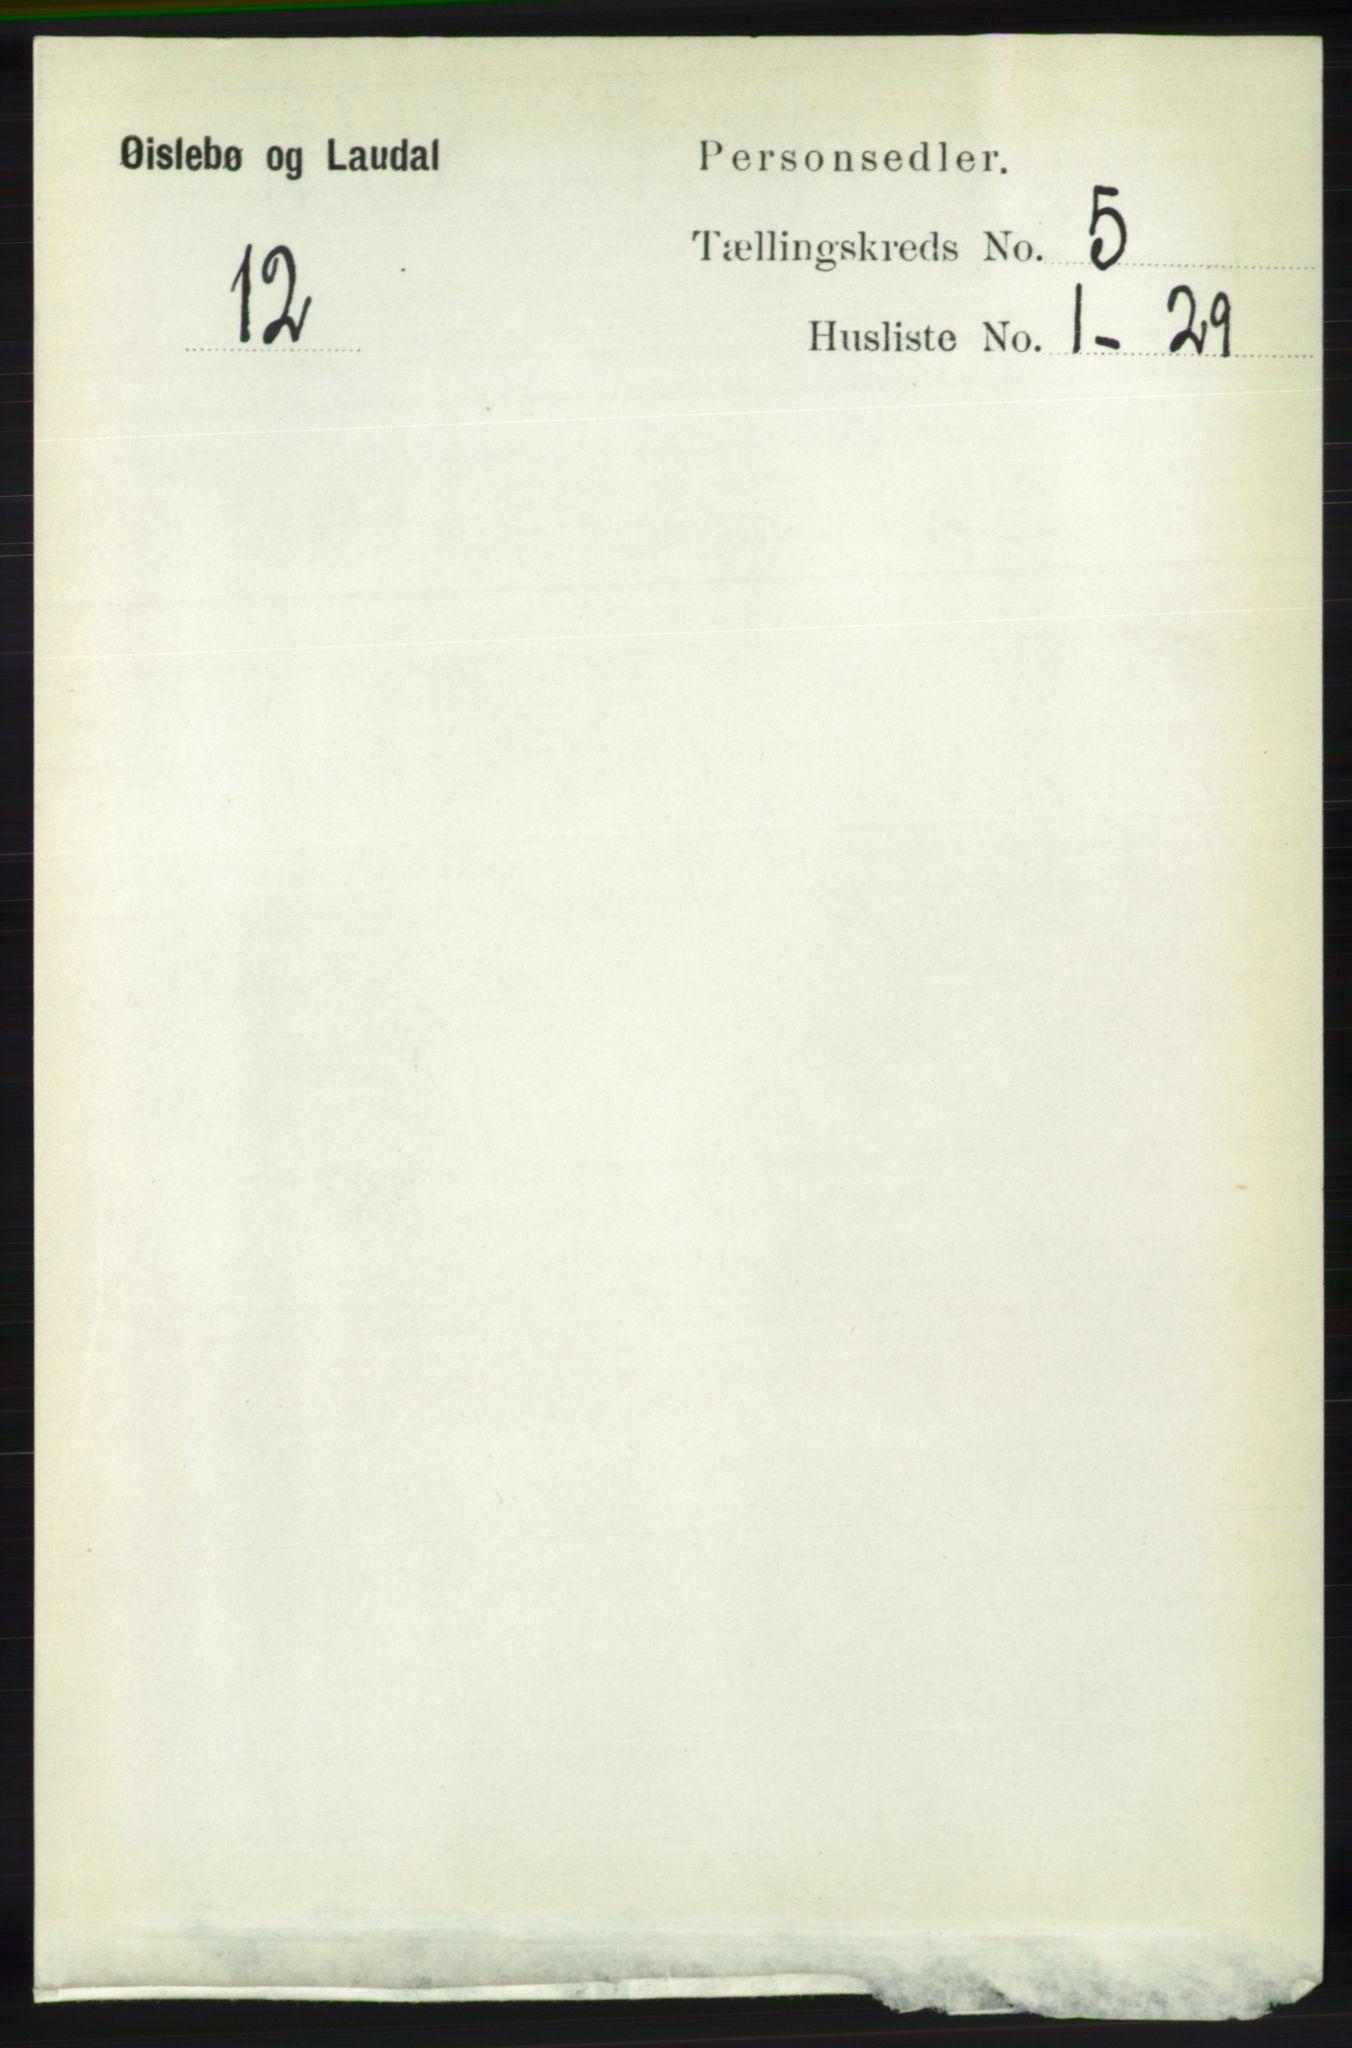 RA, Folketelling 1891 for 1021 Øyslebø og Laudal herred, 1891, s. 1337